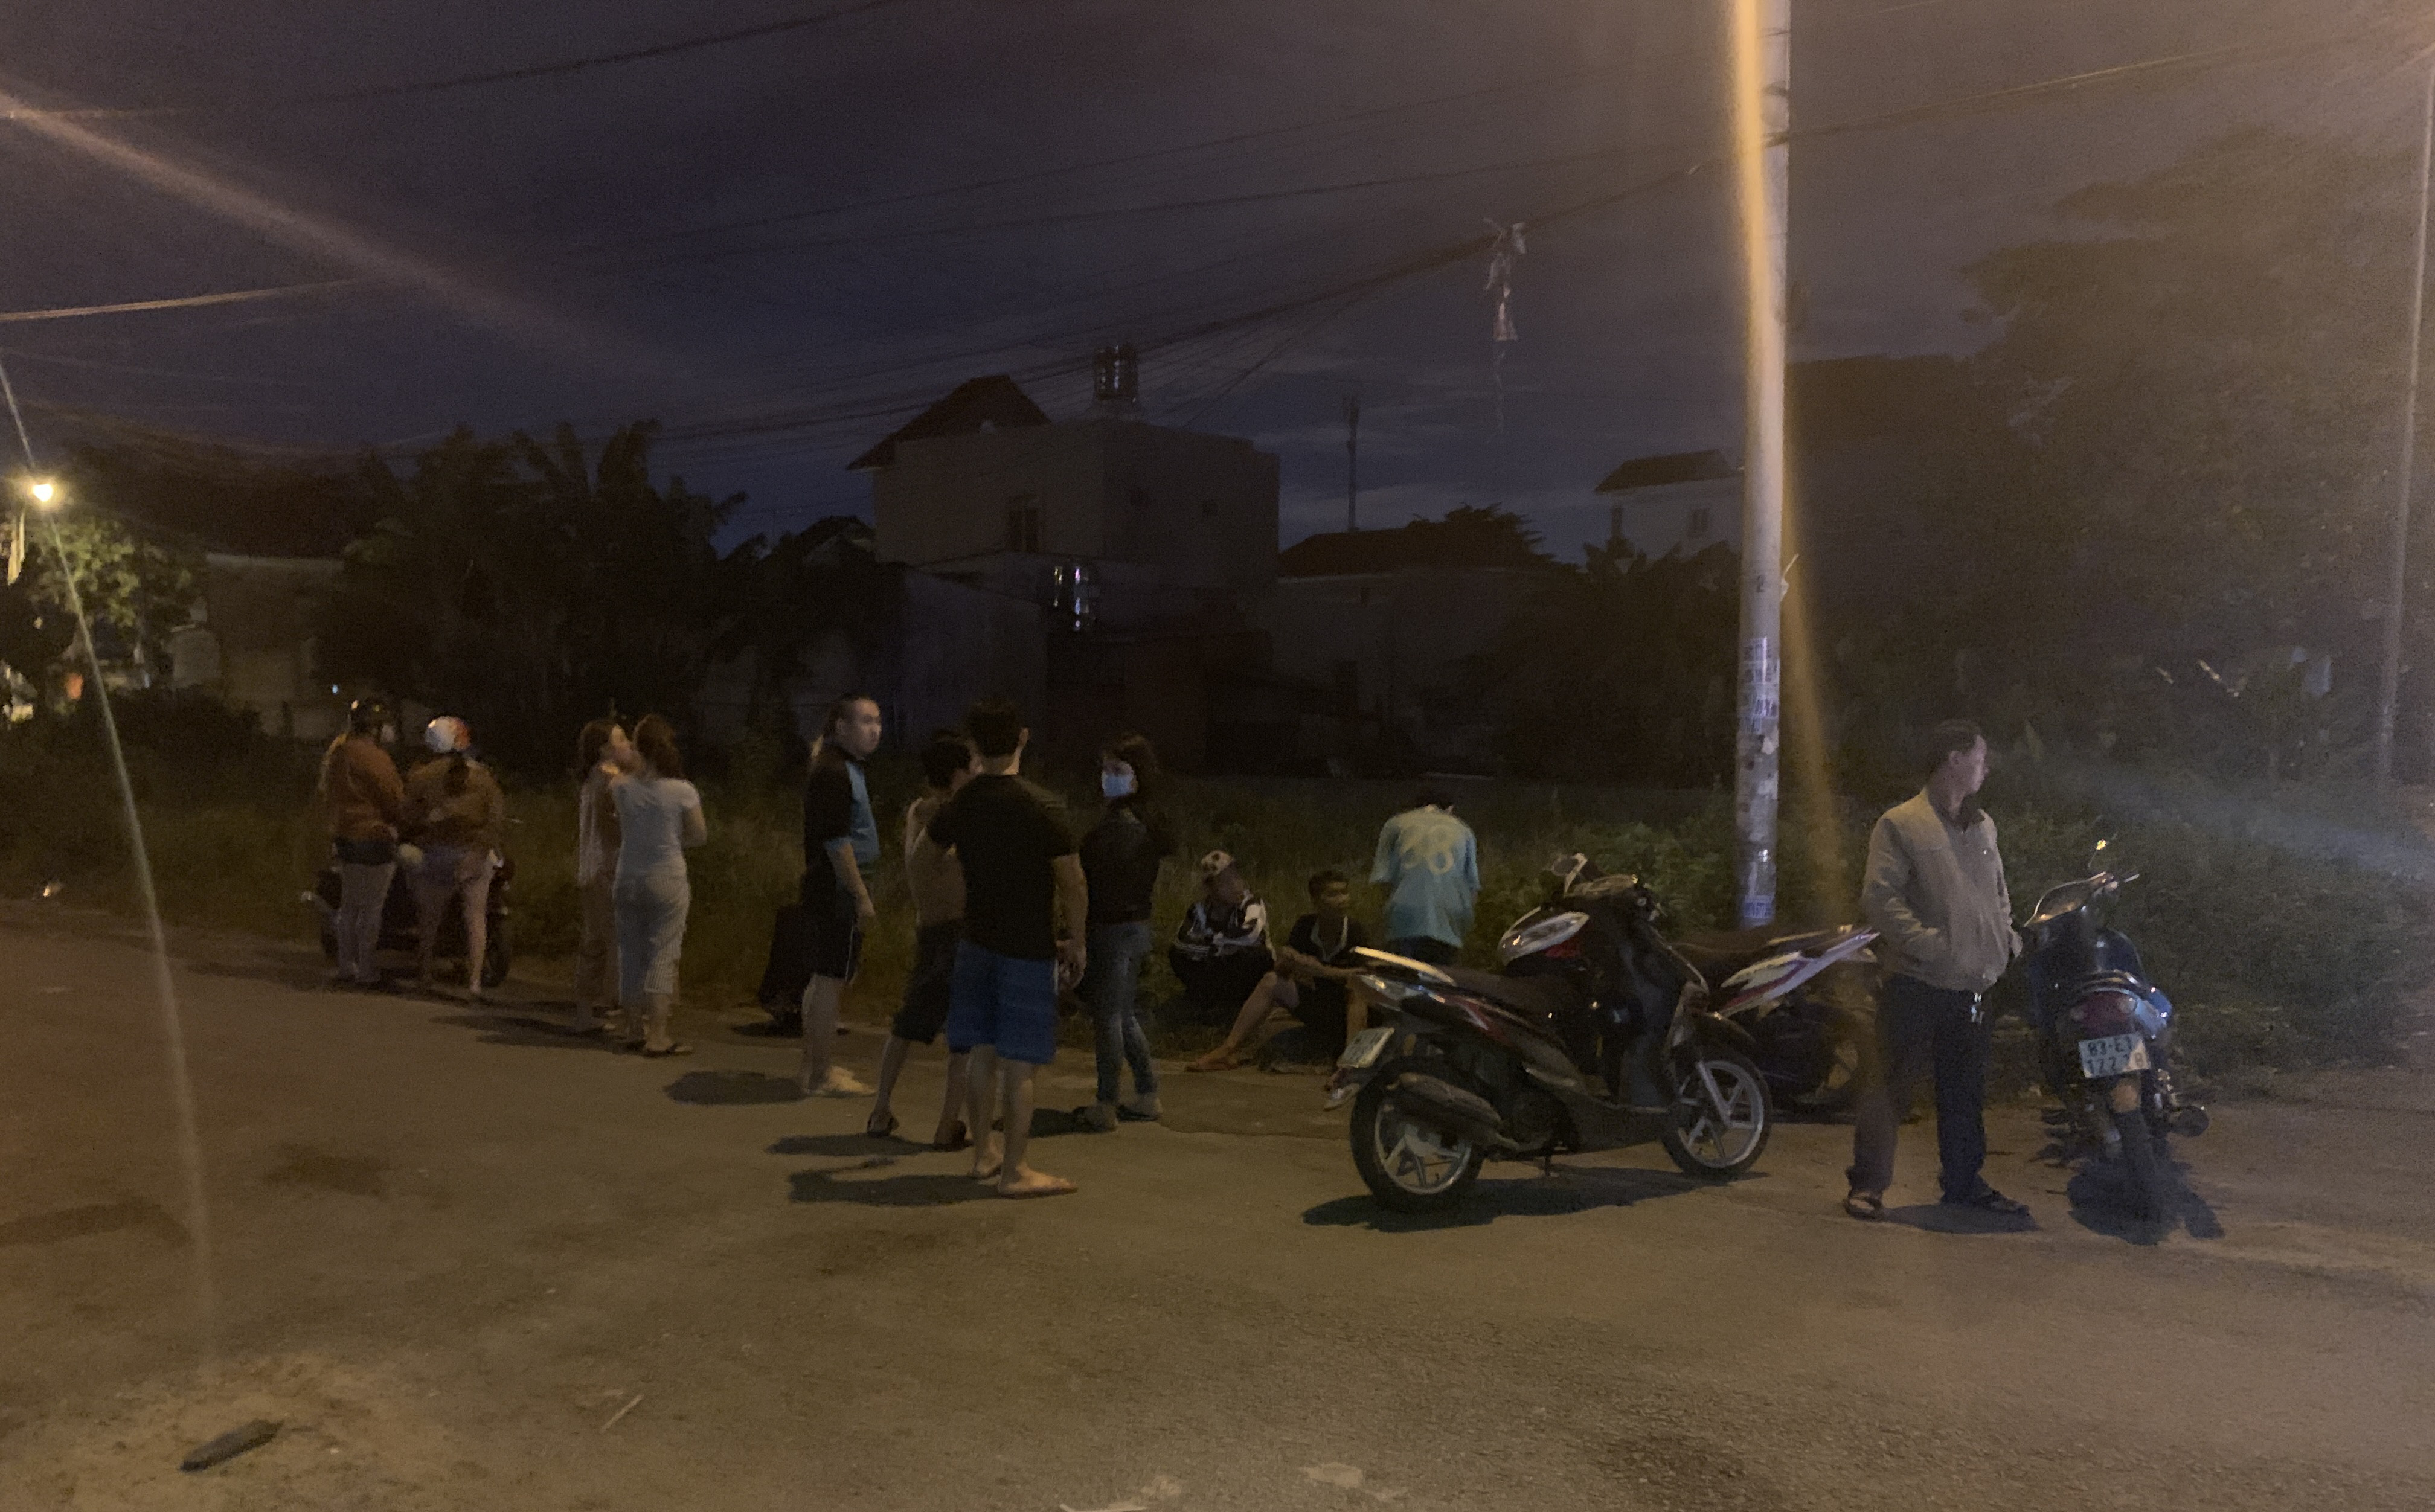 Người phụ nữ tử vong trong khách sạn ở Sài Gòn do bị siết cổ, cướp tài sản